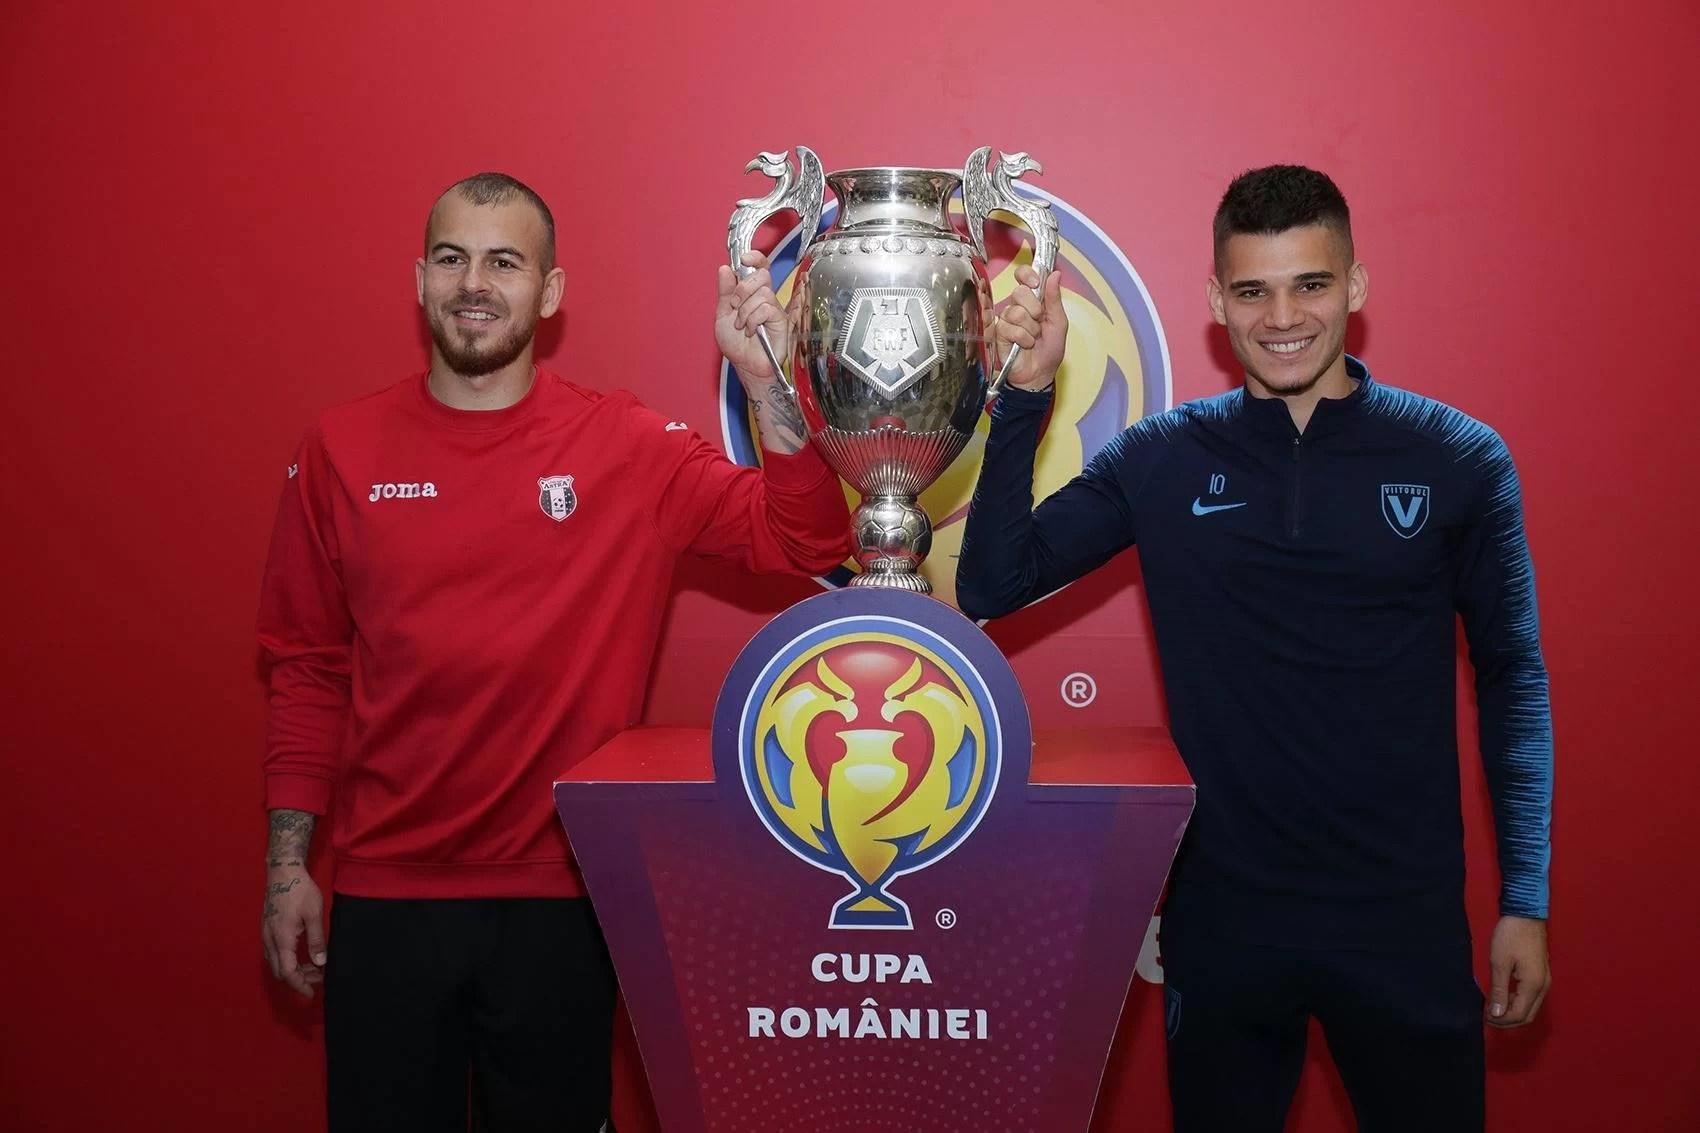 """A doua finală de Cupă României pe noul """"Ilie Oană"""". Din nou, cu Astra în ultimul act. Nu a trecut de FC Voluntari, o va face de Viitorul celor doi Hagi?"""